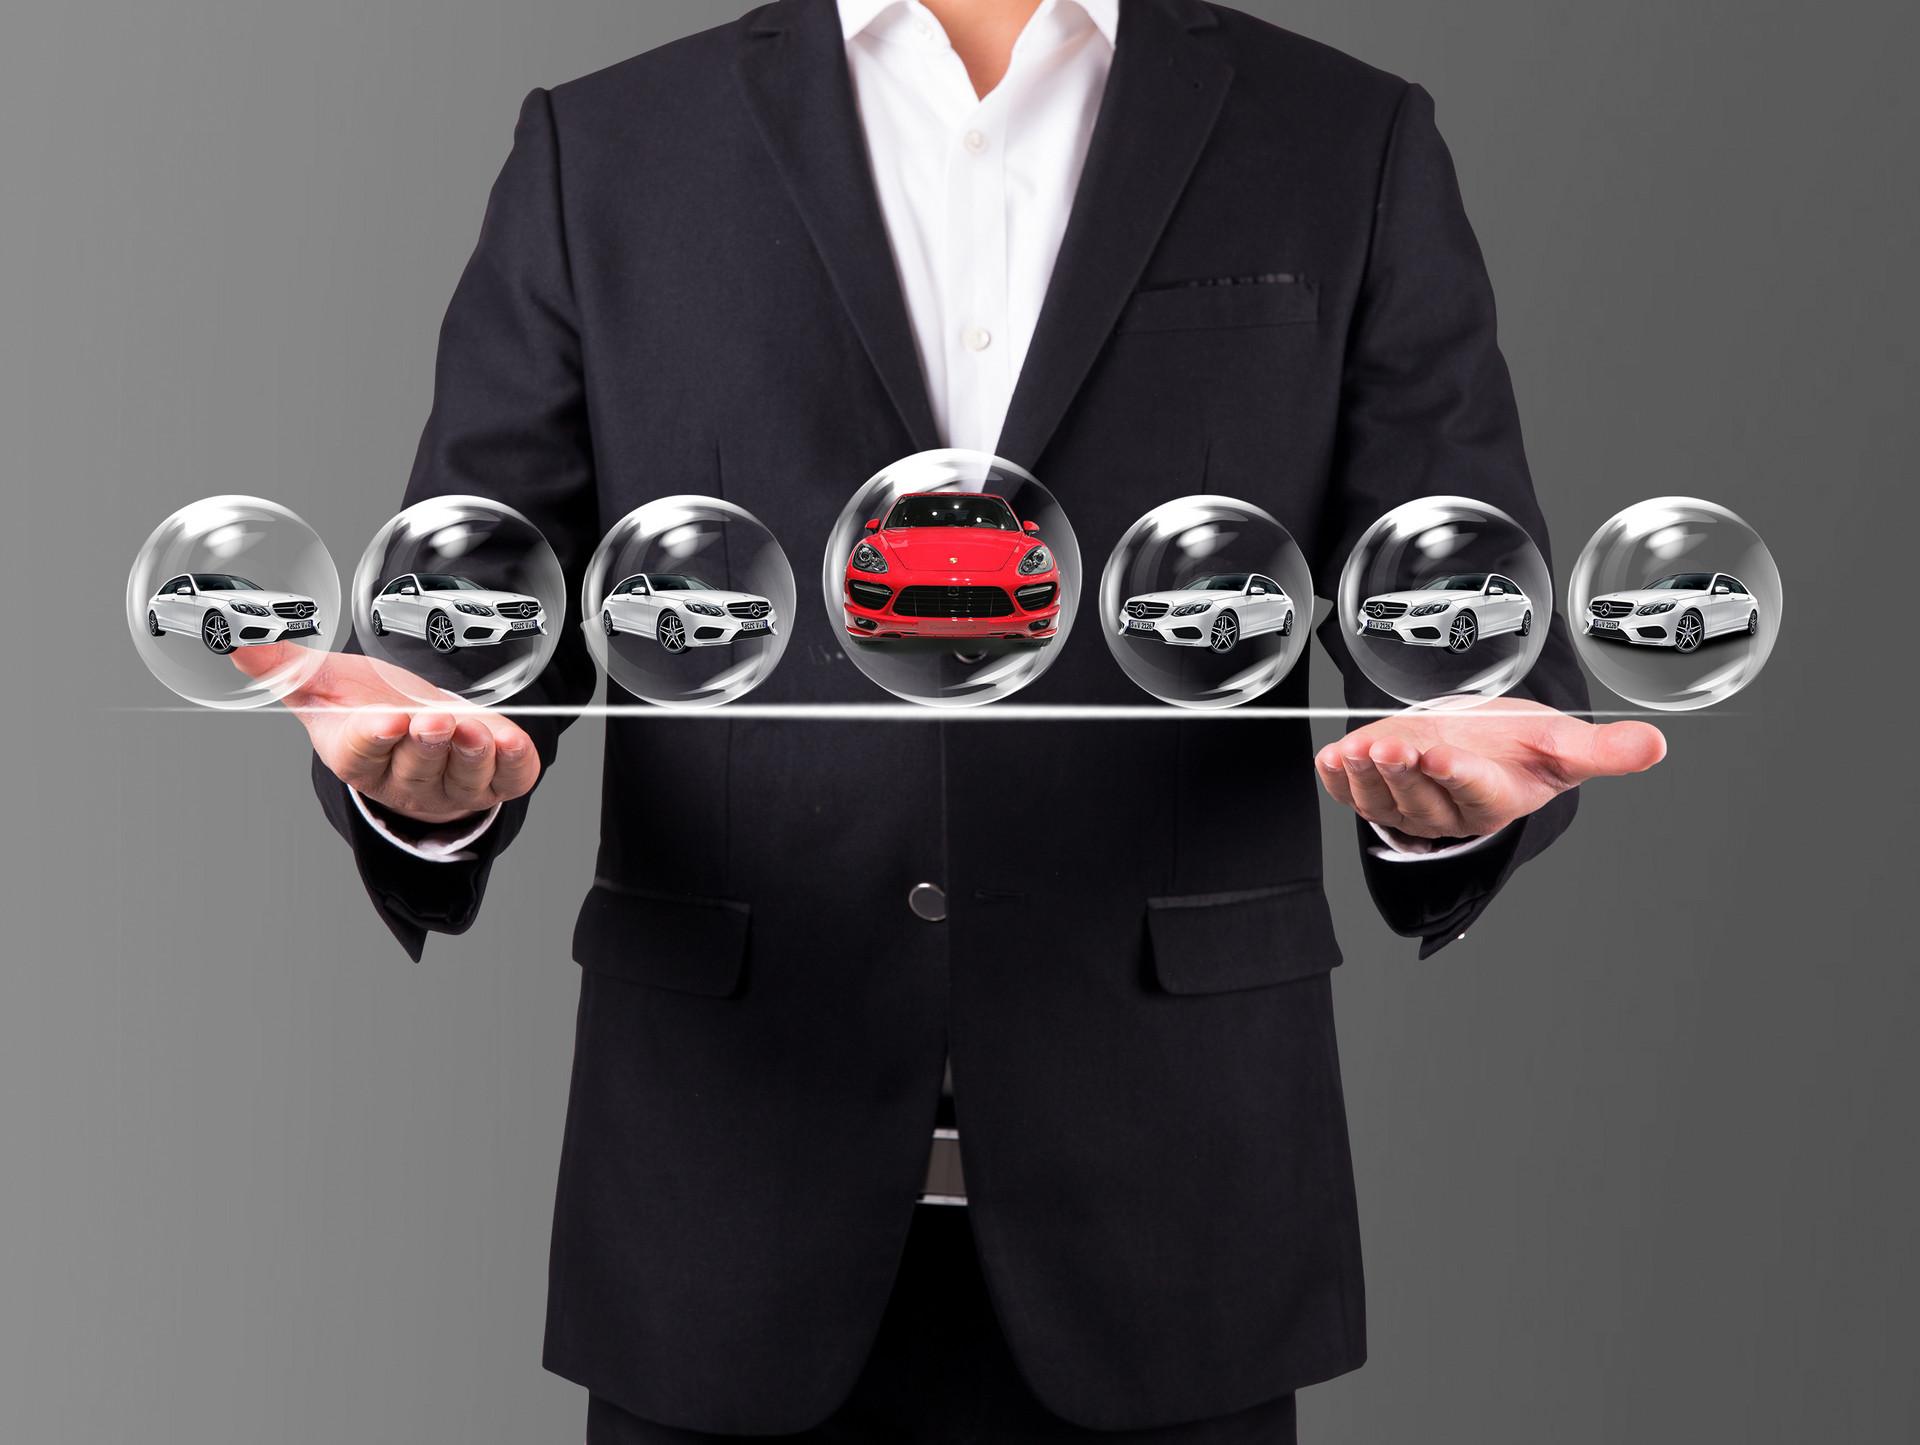 车险出险一次保费涨多少,车险五年不出险能优惠多少